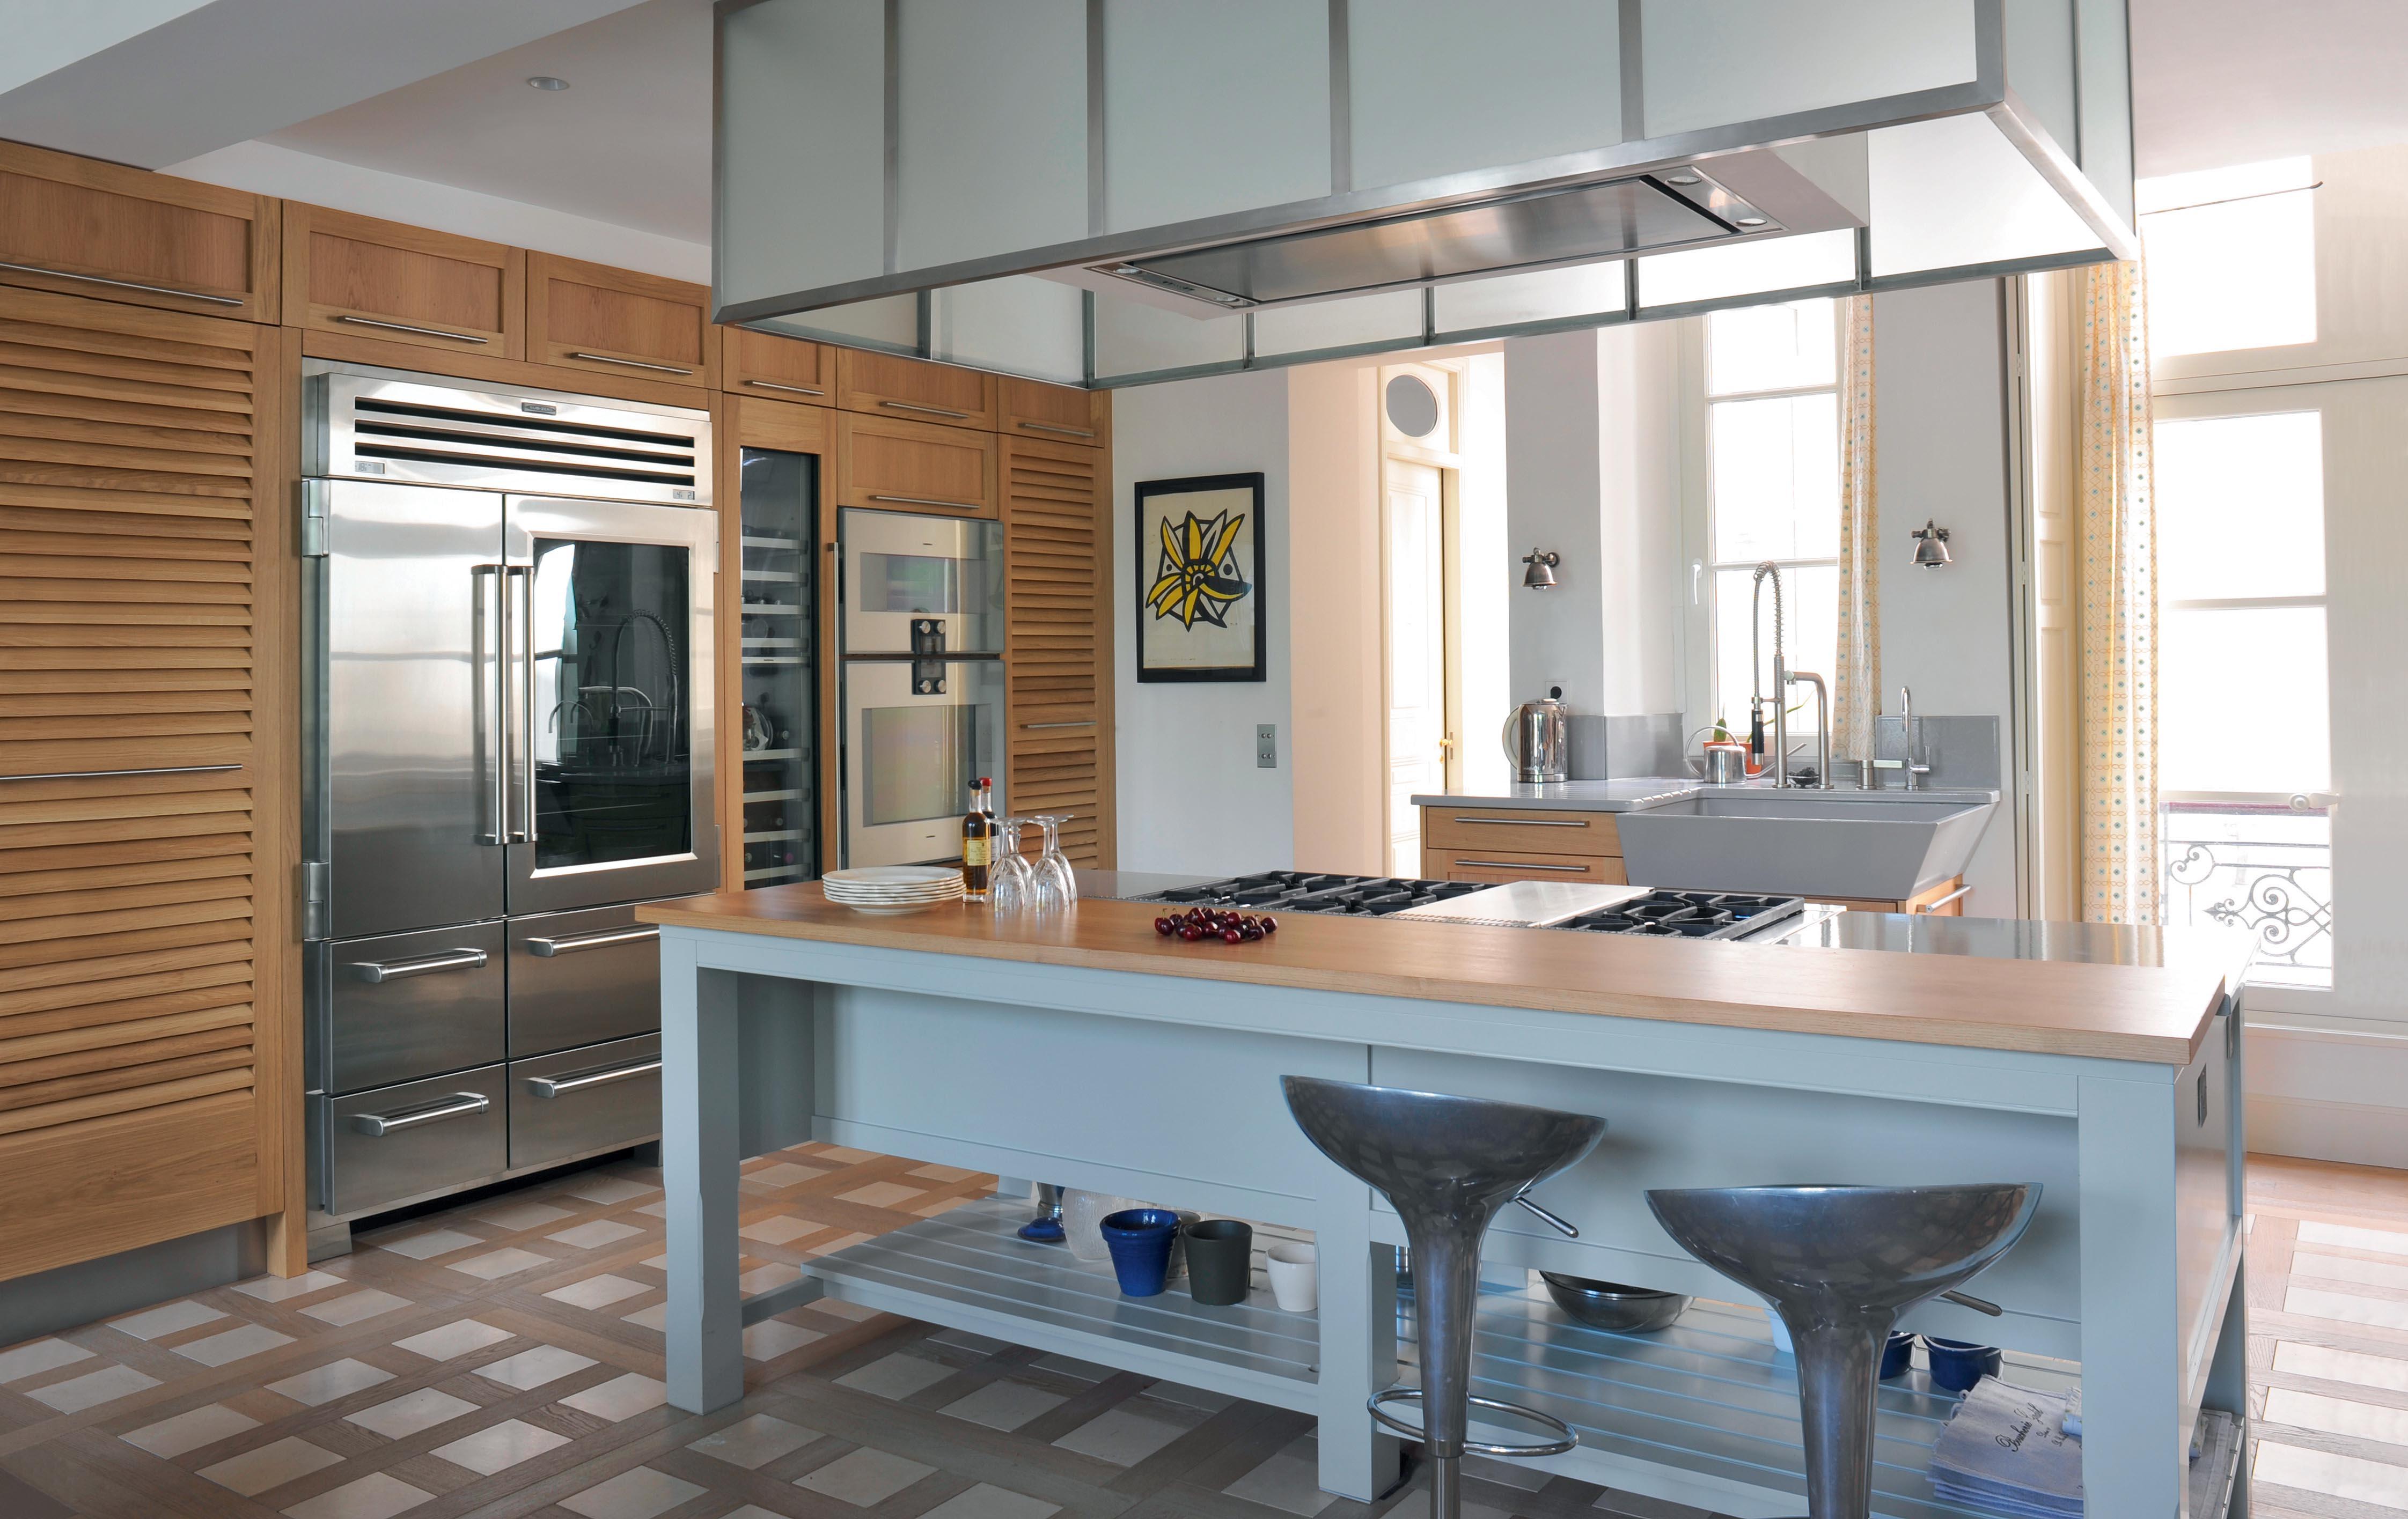 cuisine classique associant ch ne naturel et bois laqu lot majestueux atelier de saint paul. Black Bedroom Furniture Sets. Home Design Ideas